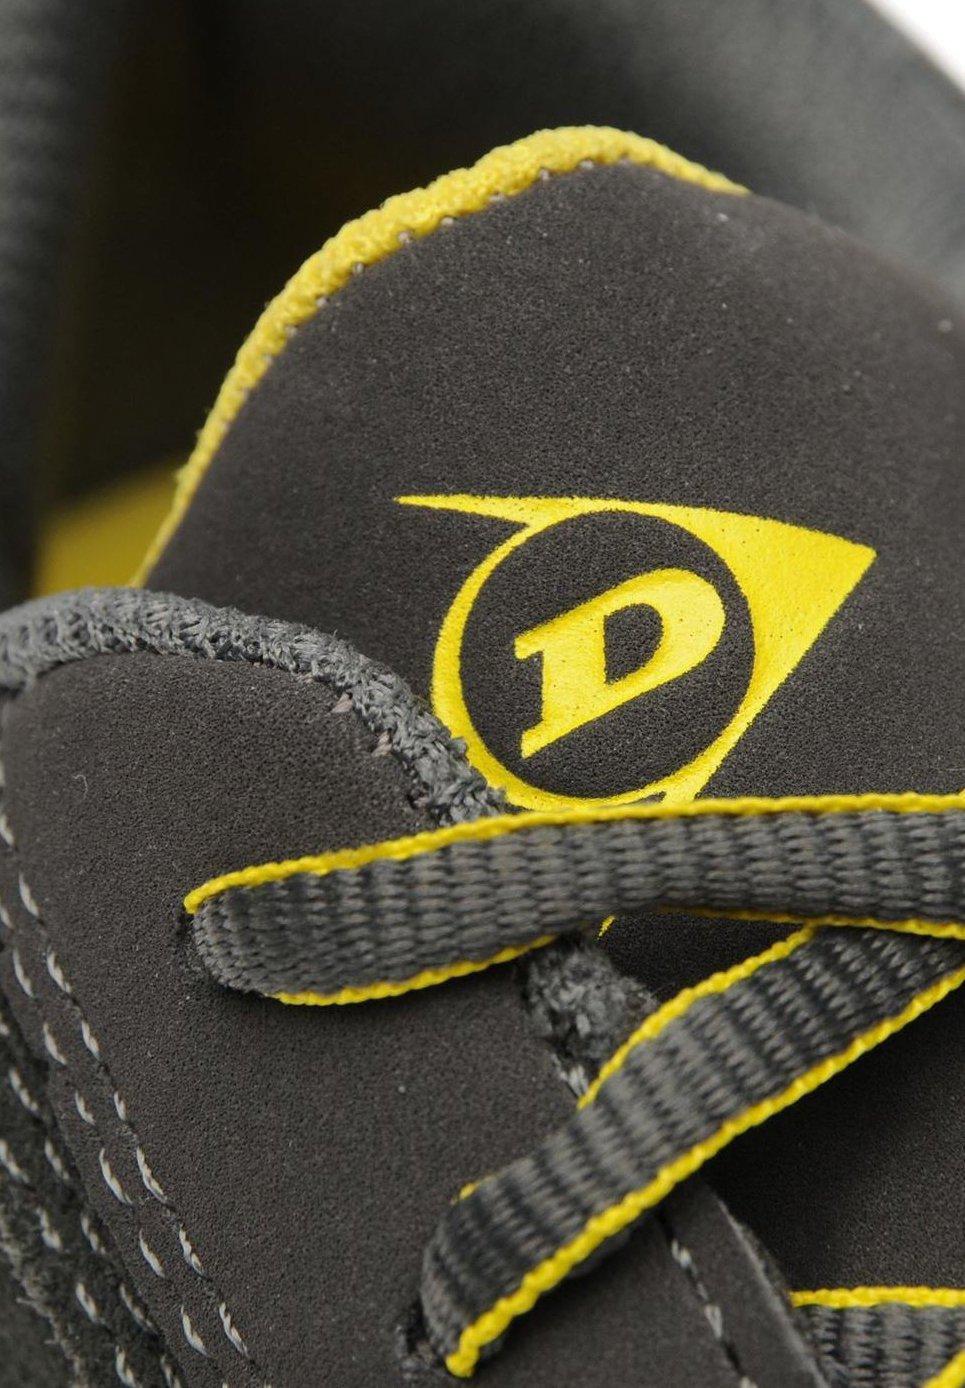 Dunlop Chaussures de course blue